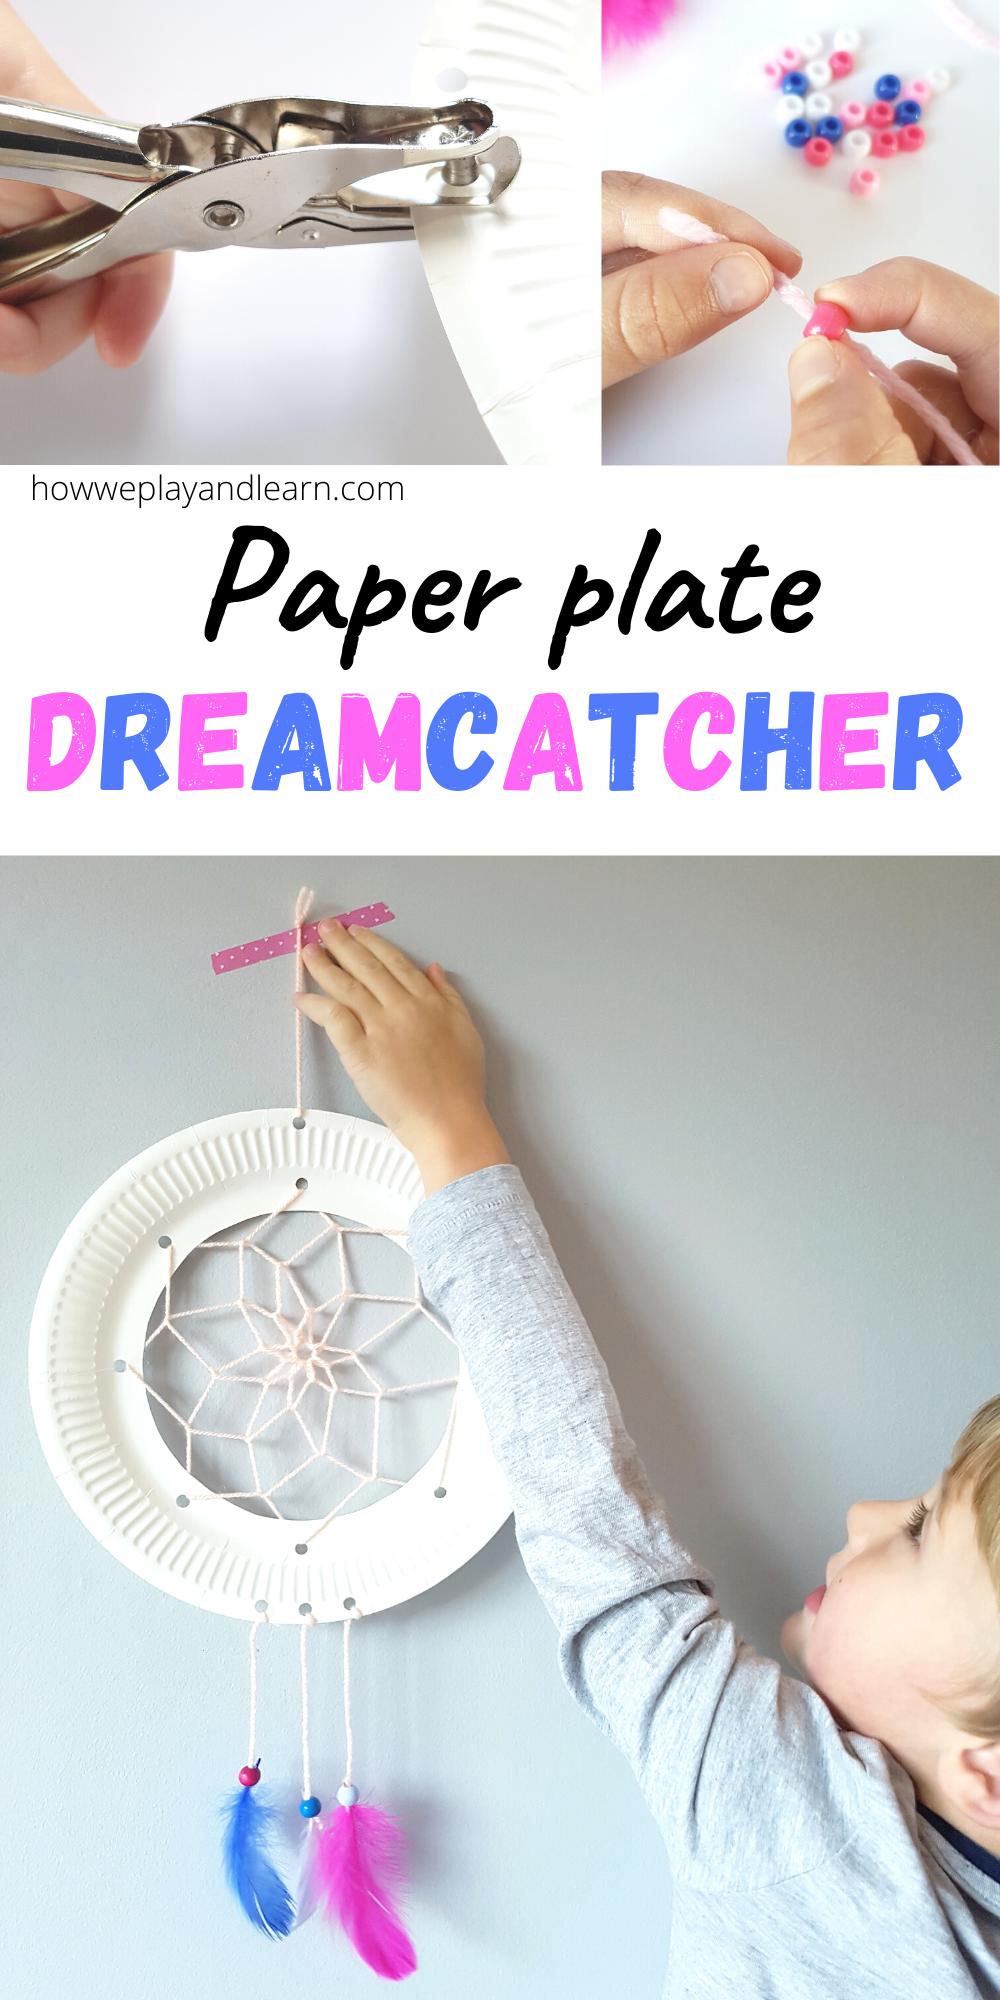 paper plate dreamcatcher children's craft